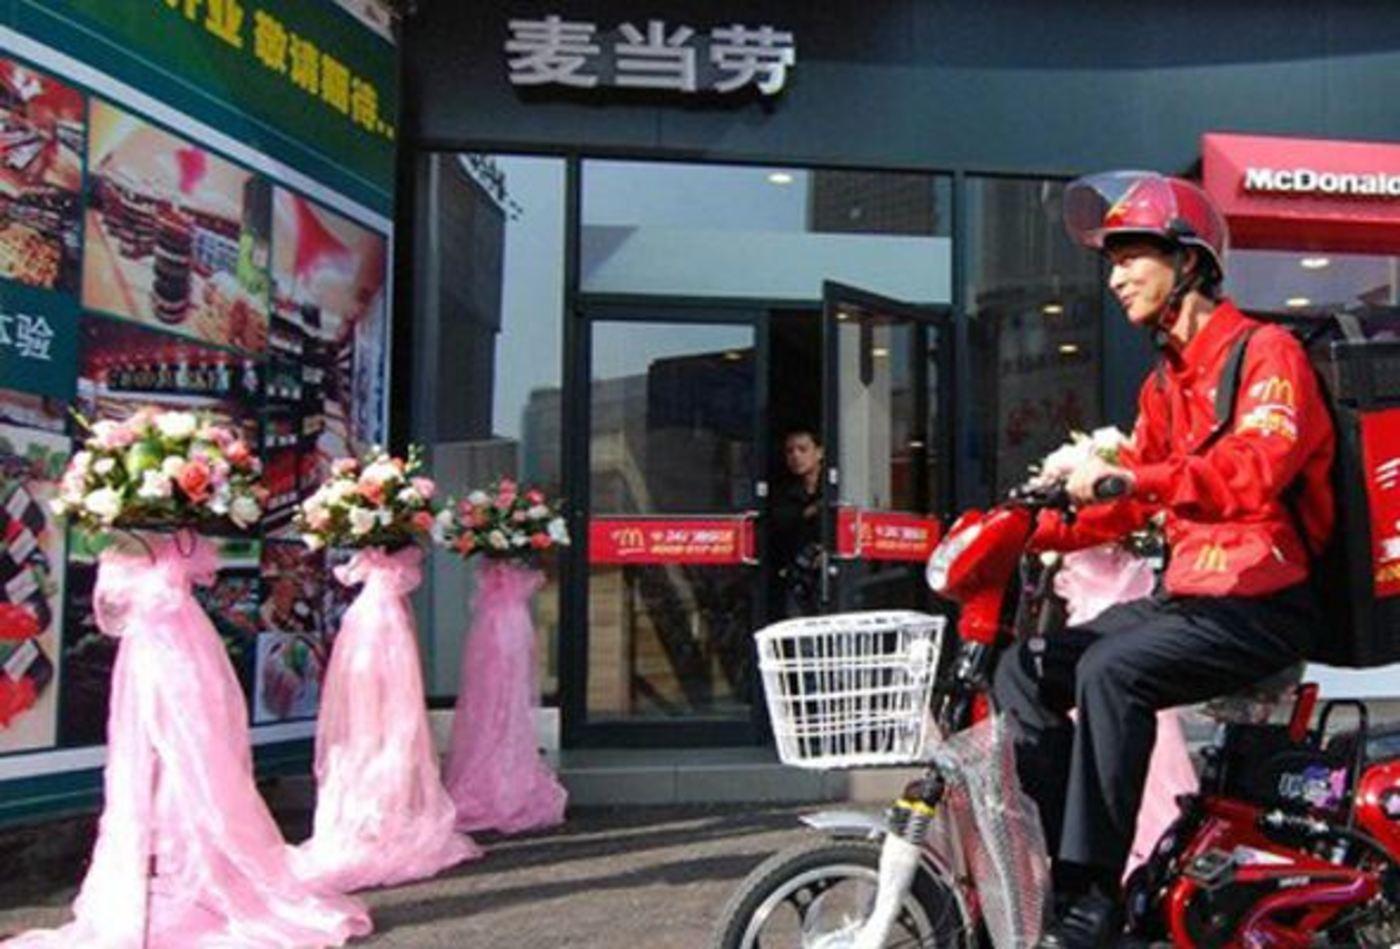 强化到家美食,百胜潮汕外卖收购业务|钛特色美食店铺中国快讯图片